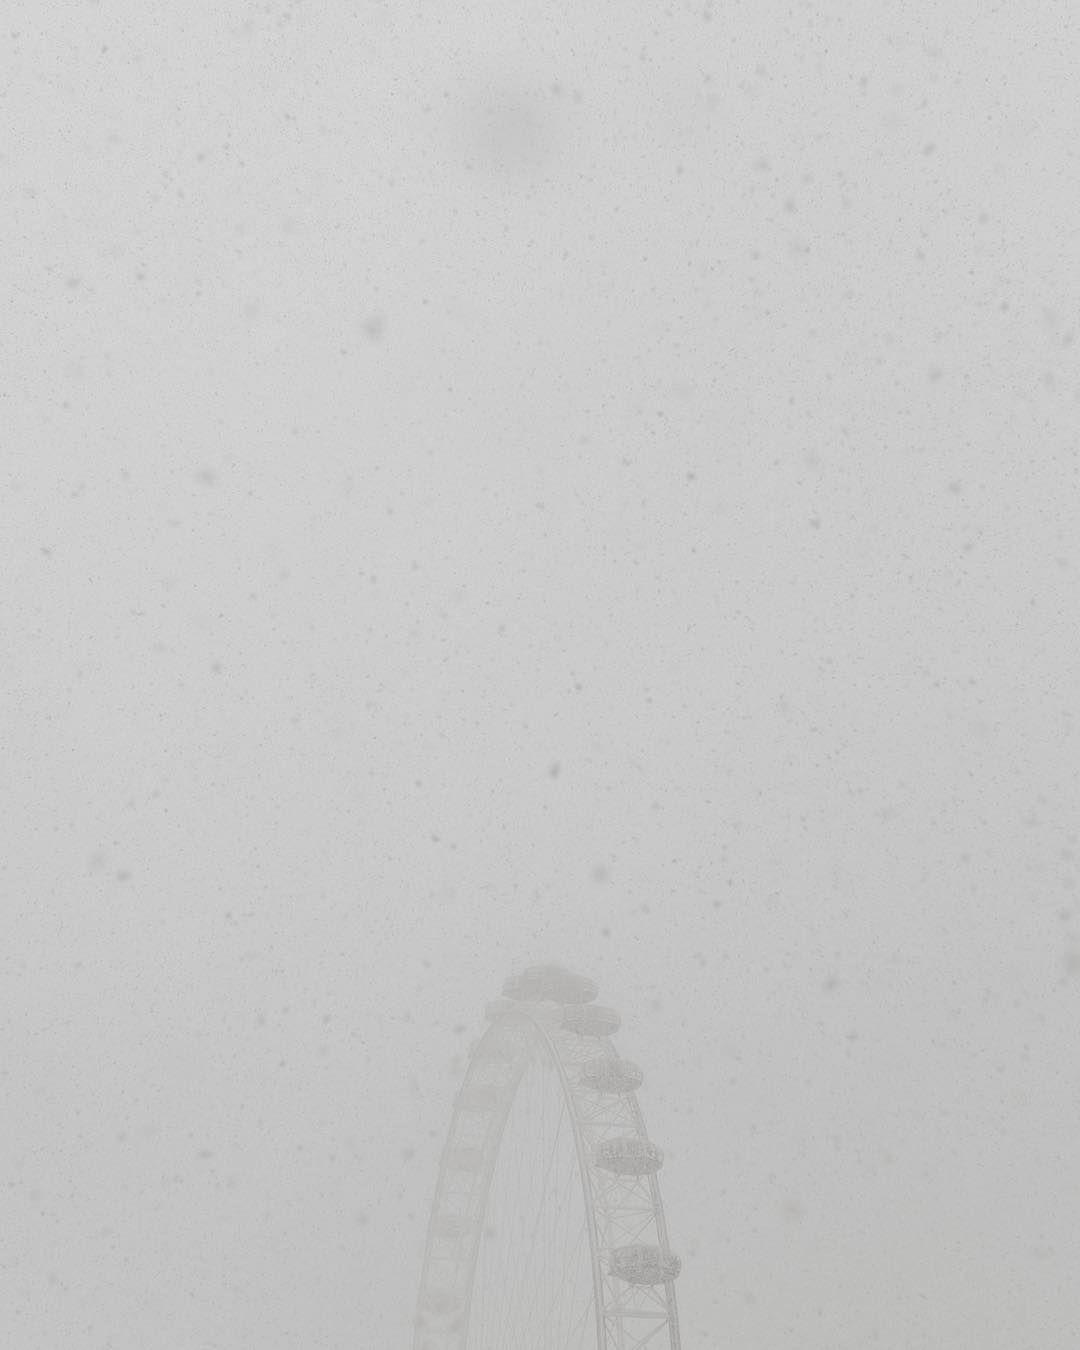 Noch ein Bild aus London: das #londoneye im Schneesturm  #London #Ldn #igerslondon #architecture #architektur #minimal #nature #snow #schnee #schneeflocken #minimal #mnml #mnmlsm #bnw_mnml #schwarzweiss #minimalove #noicemag #kaikutzki #fotografieren #hobbyfotograf #spiegelreflex #5dmarkiv